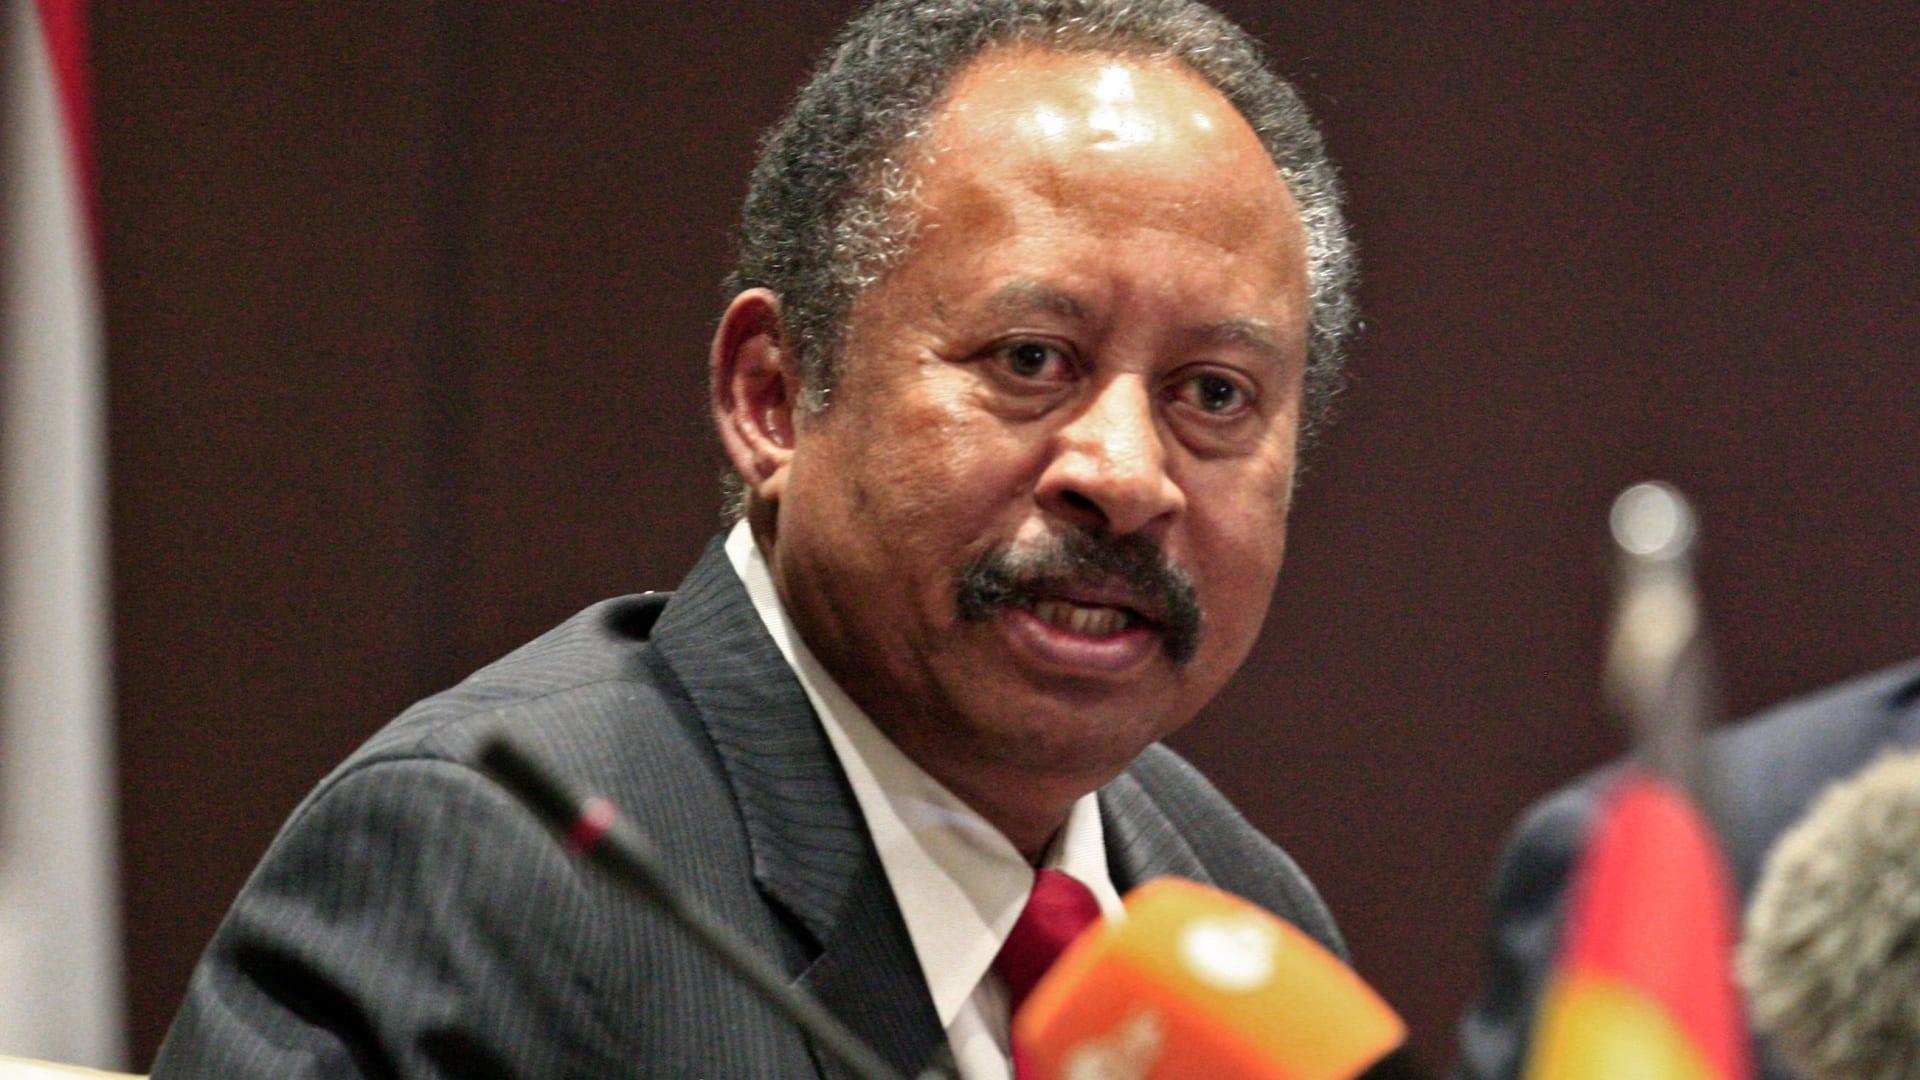 السودان يعلن تشكيل أول حكومة منذ الإطاحة بعمر البشير